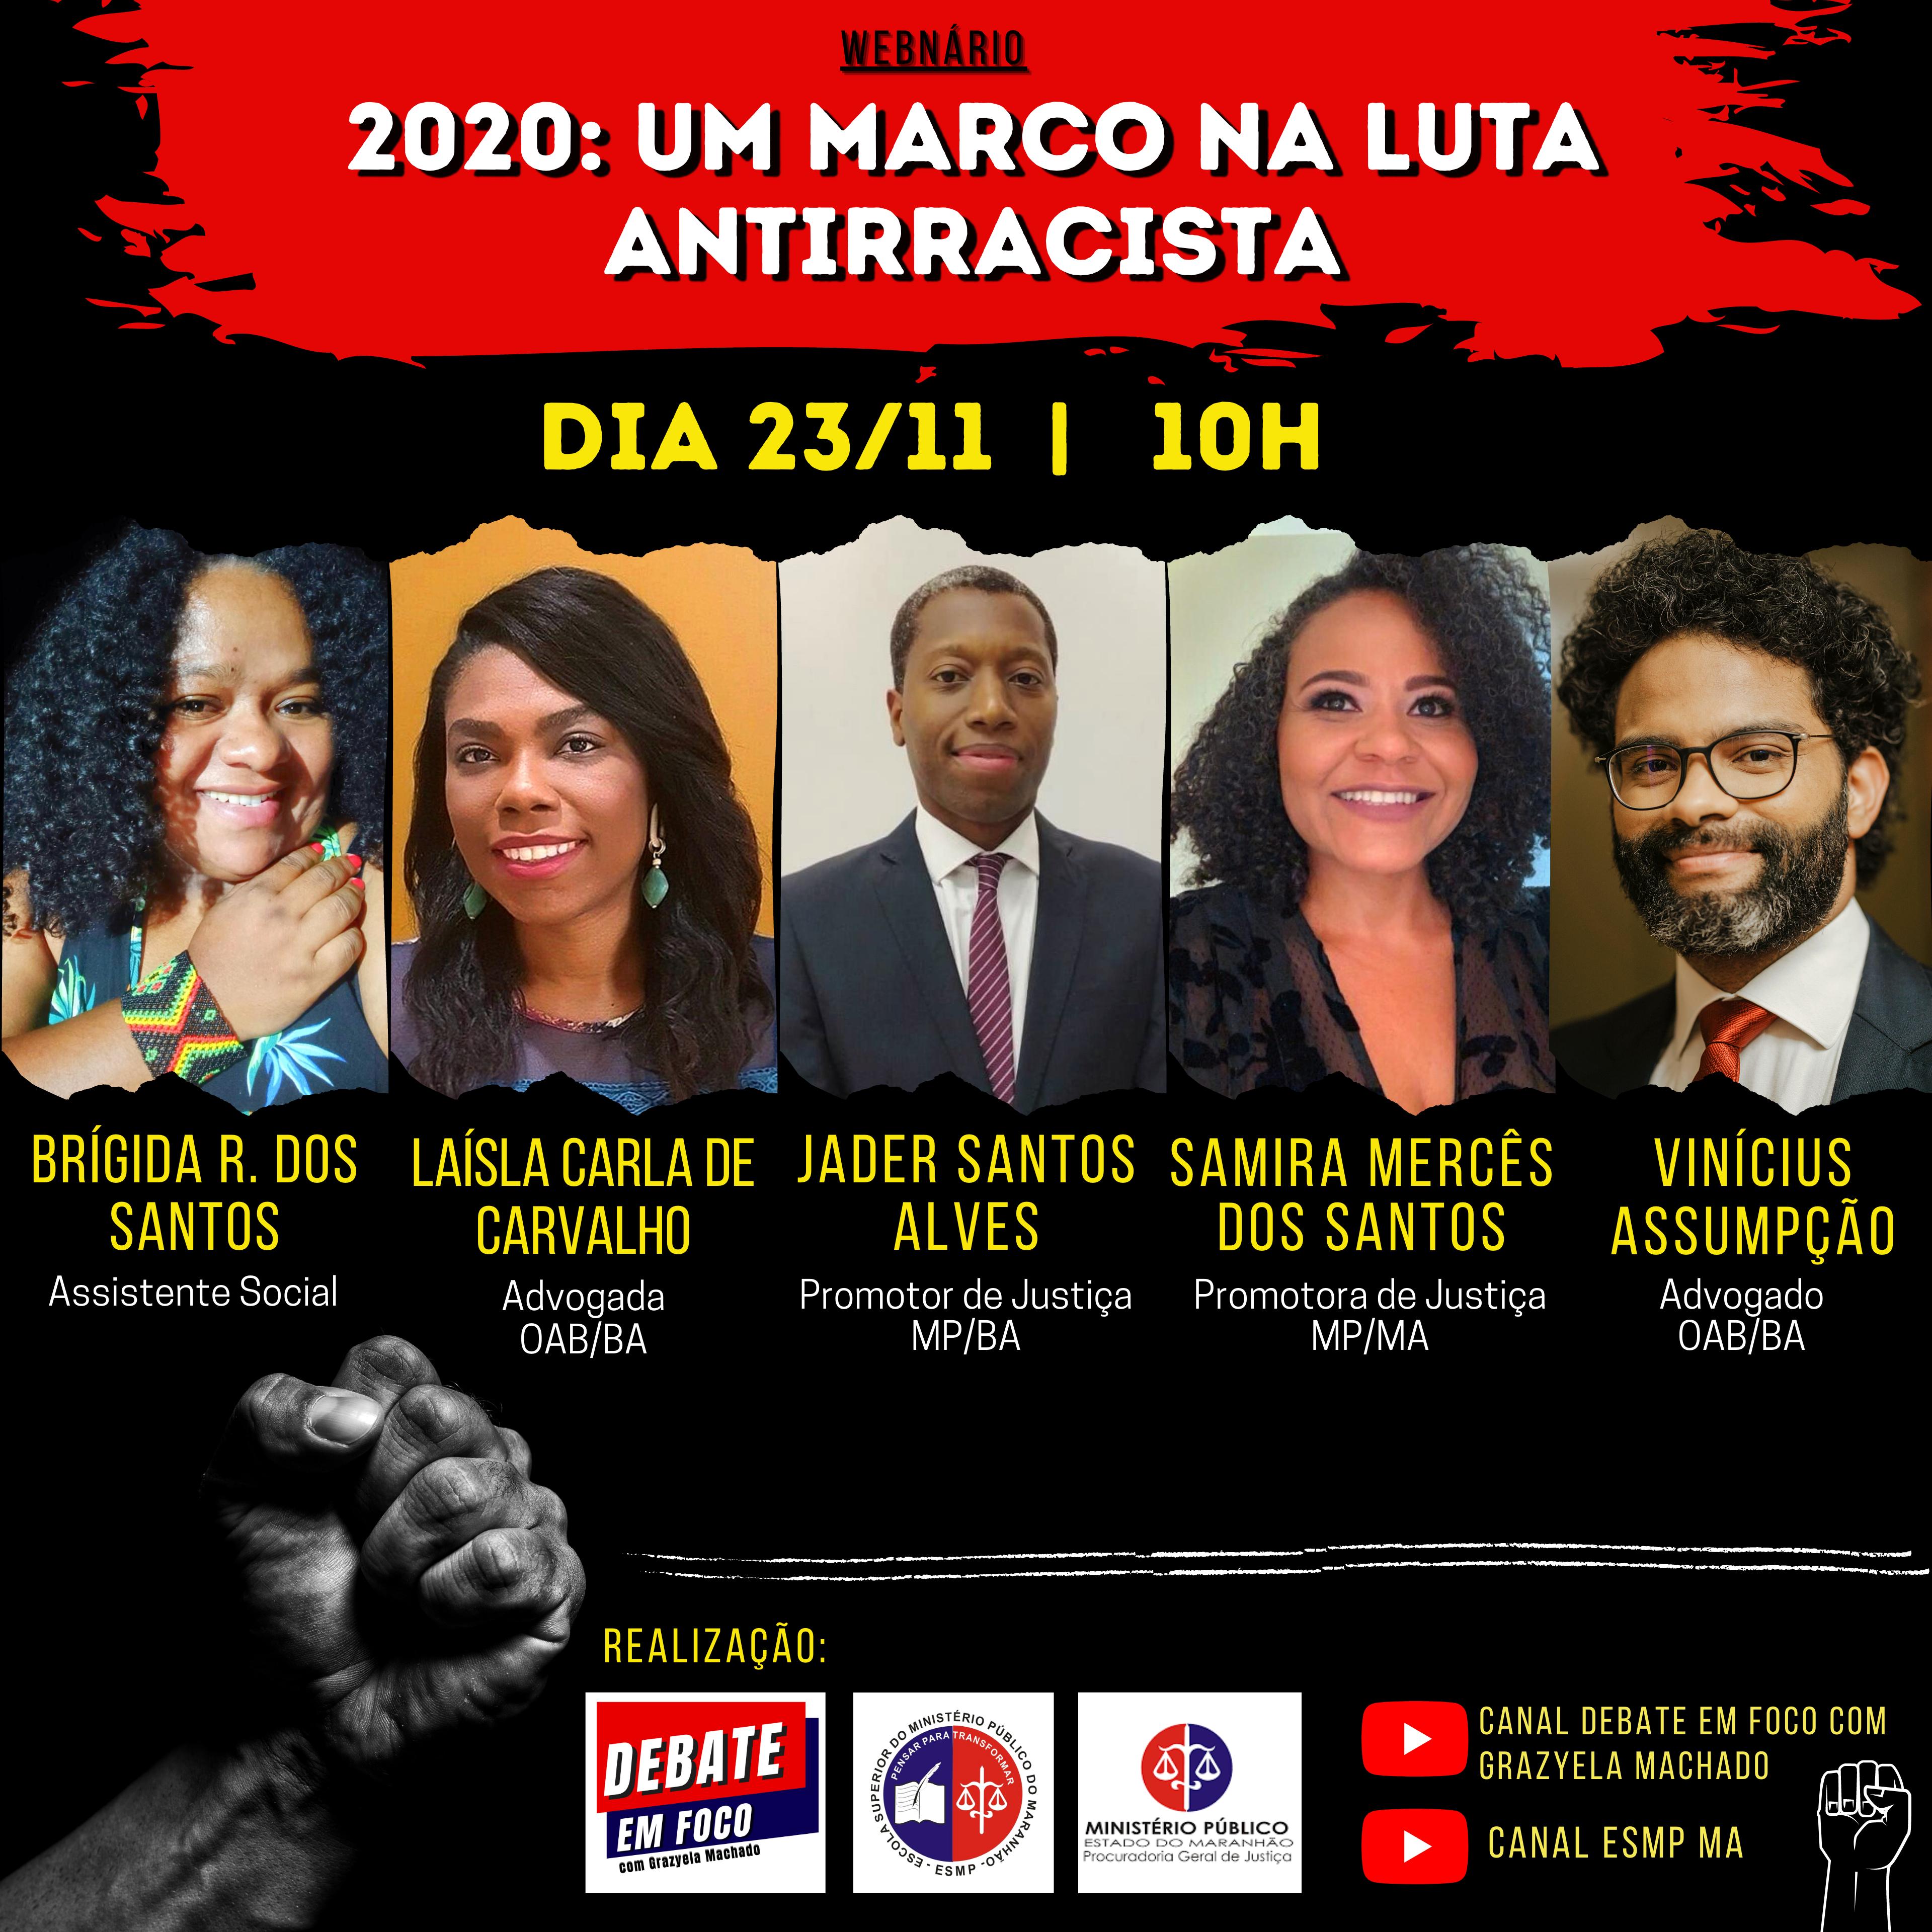 Wébnario - 2020: Um Marco na Luta Antirracista